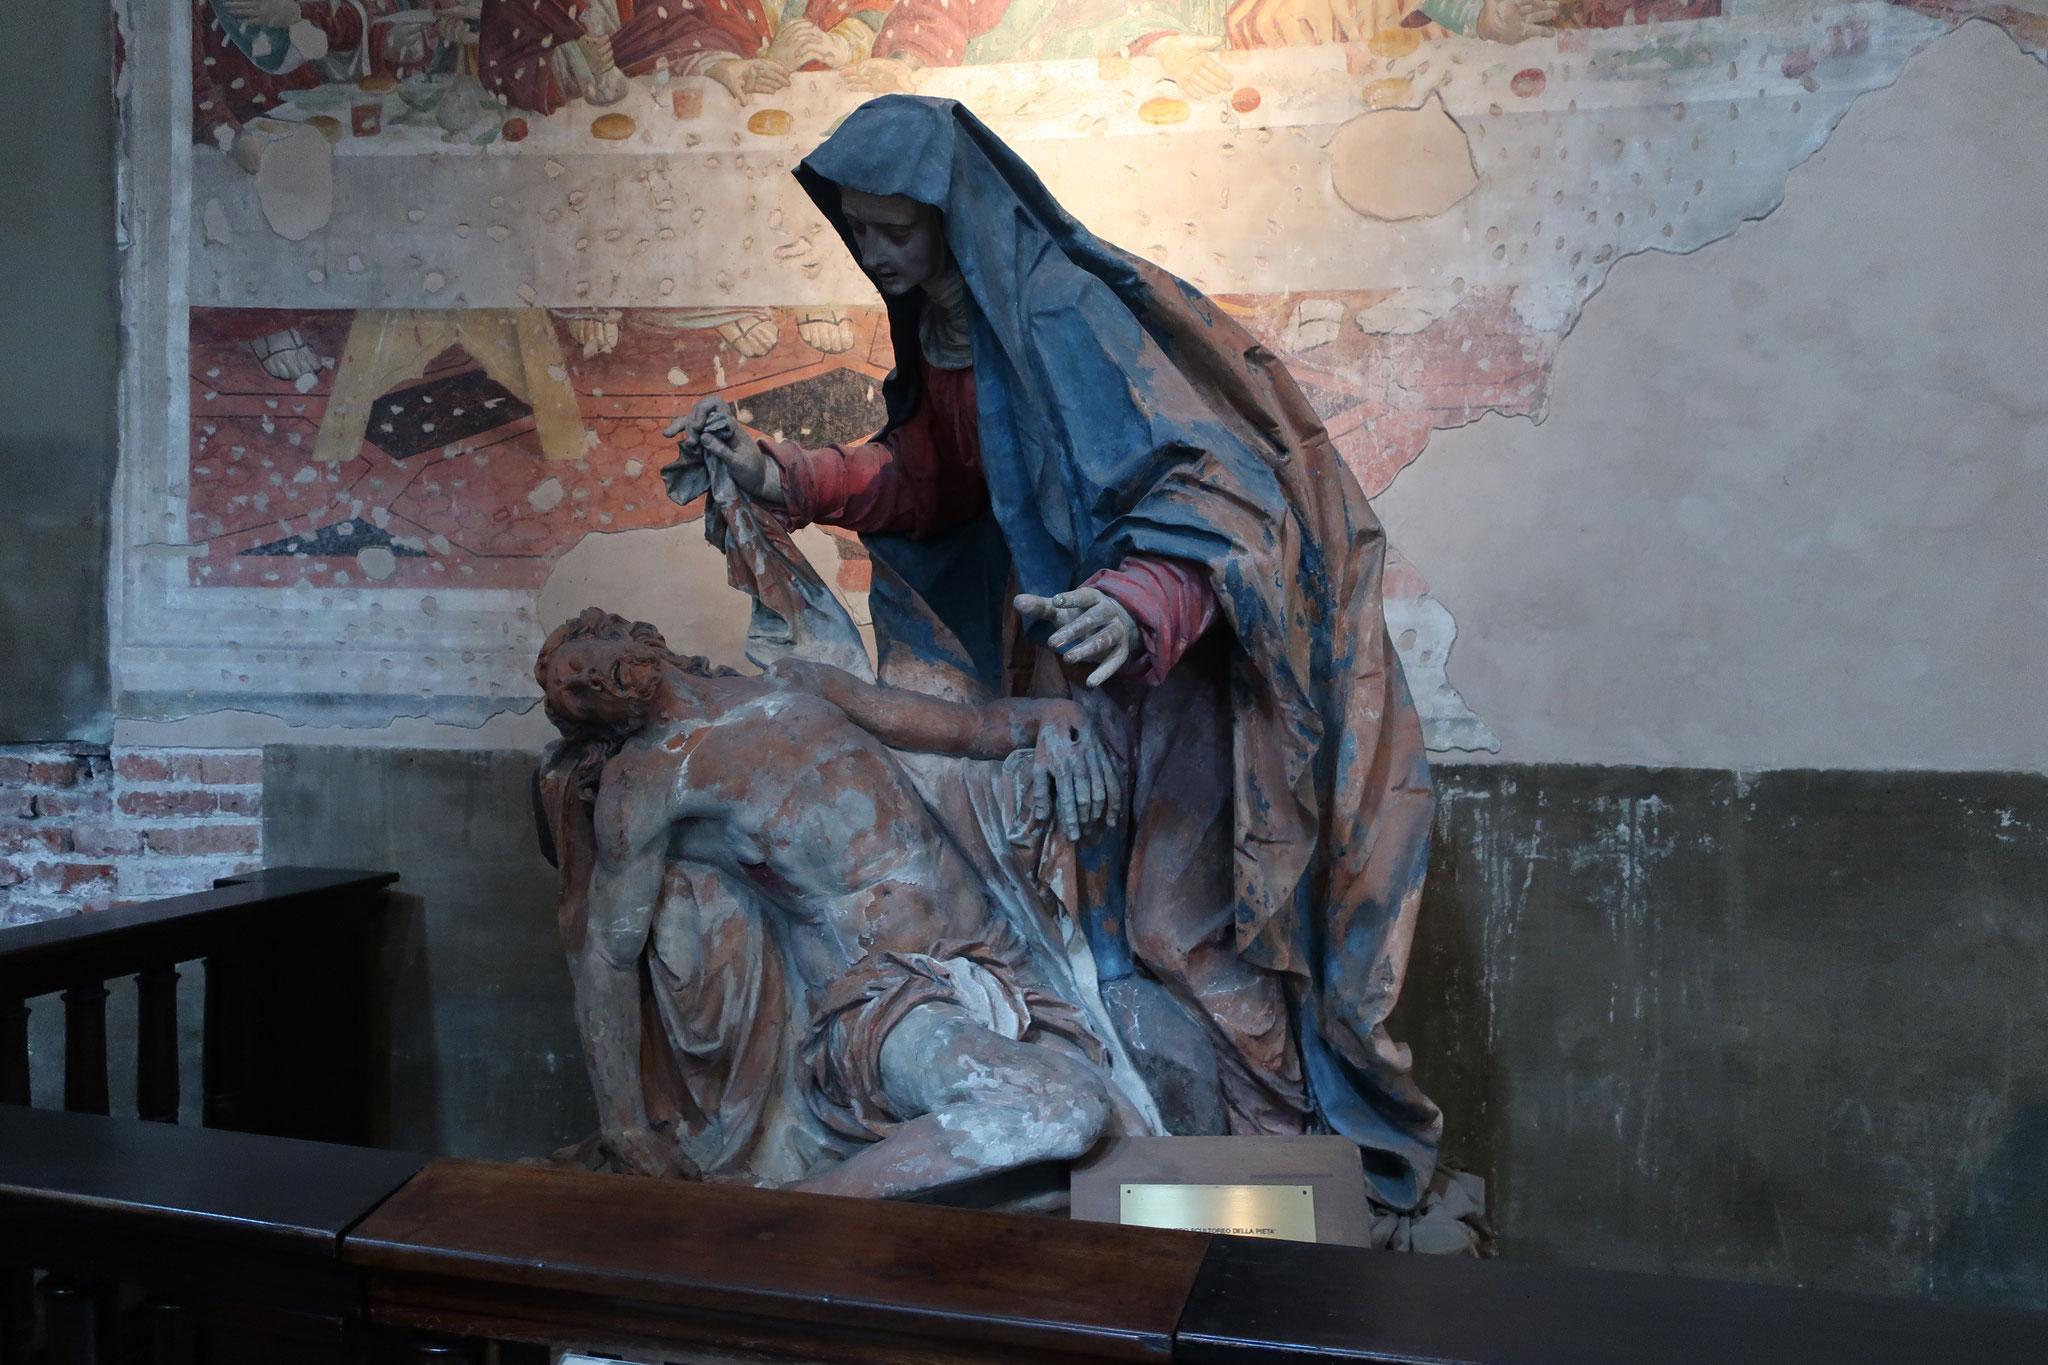 ピエタ:聖母マリアと十字架から降ろされたイエス・キリスト